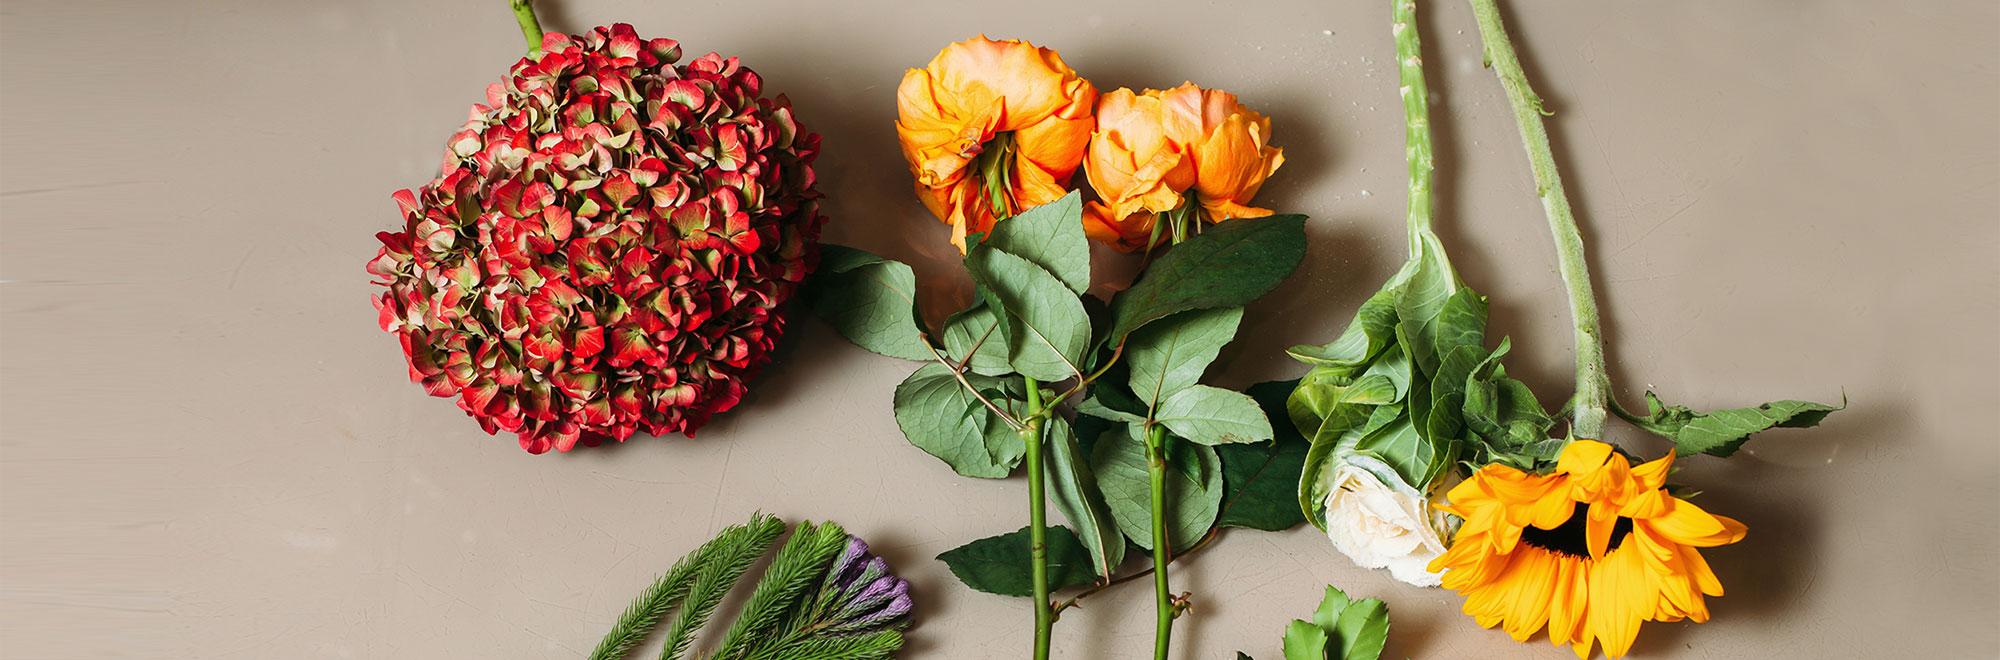 しまりすパーラー - 子どものための花アトリエ